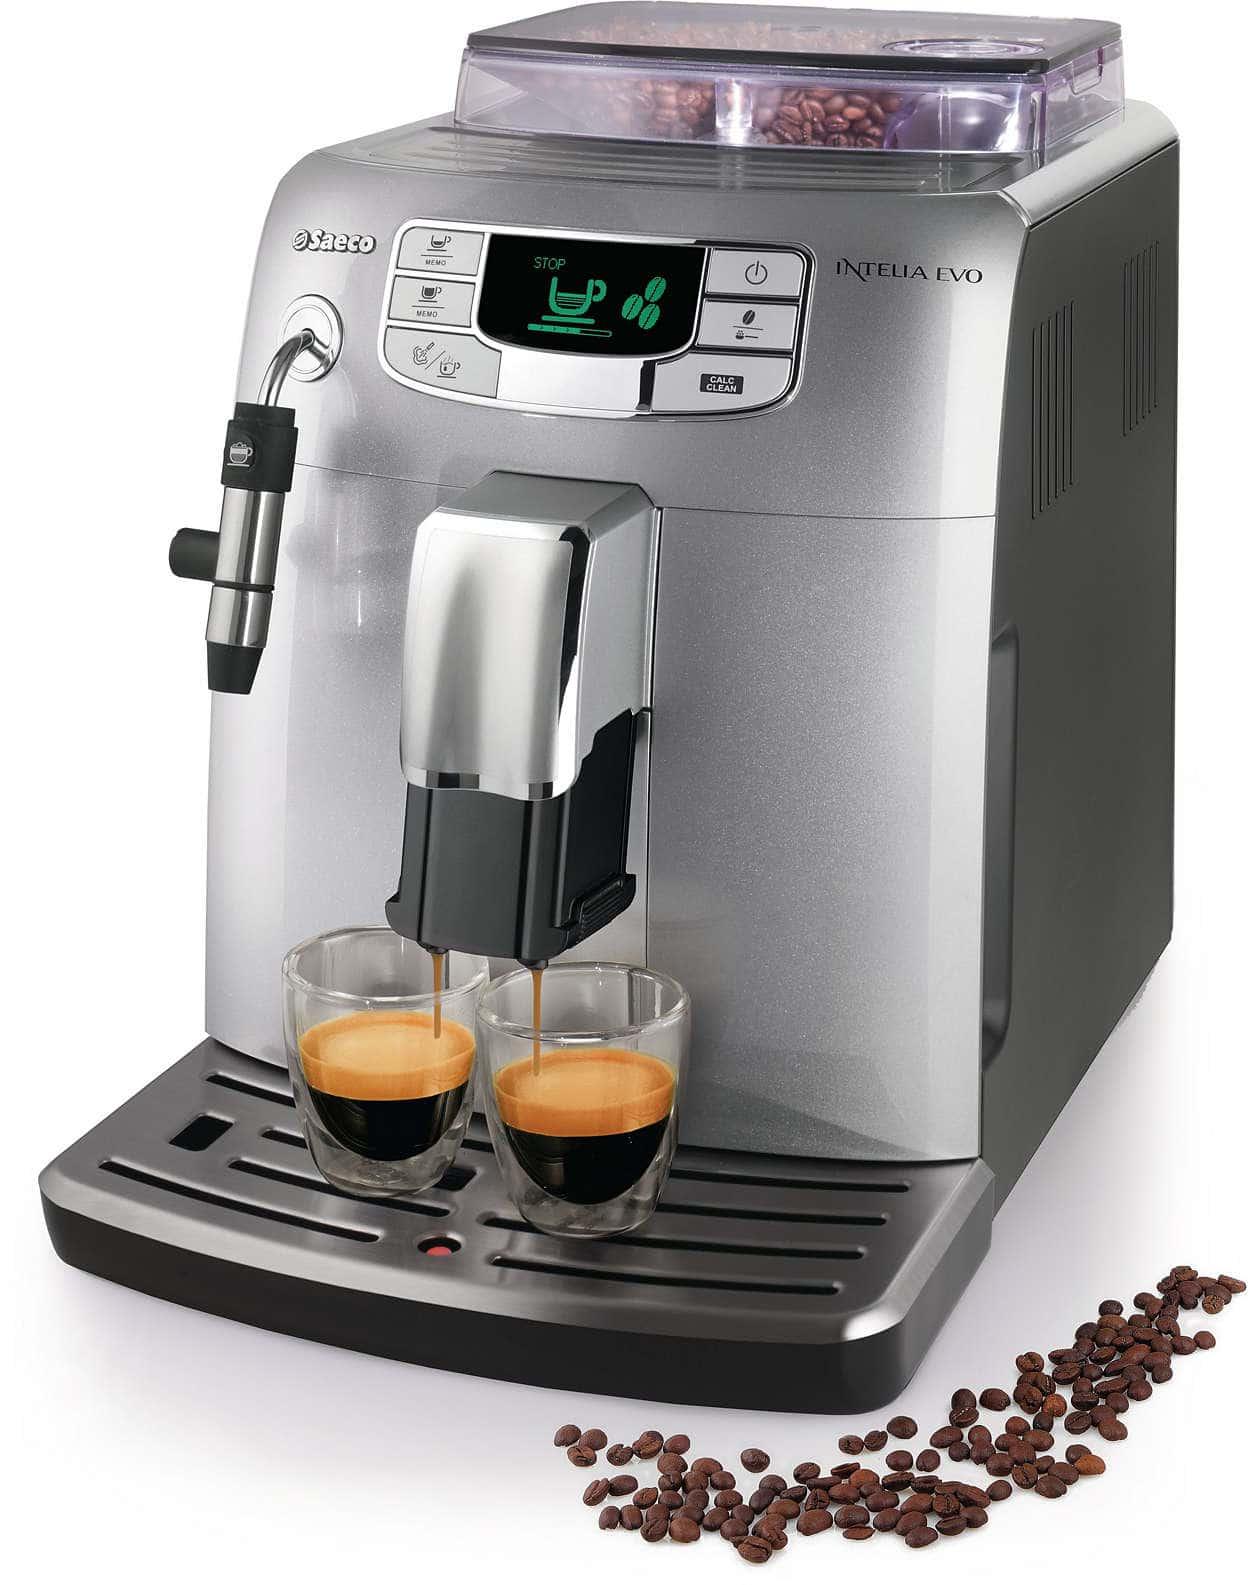 Saeco HD8752/95 Intelia Evo - Cafetera espresso súper automática - Opinión